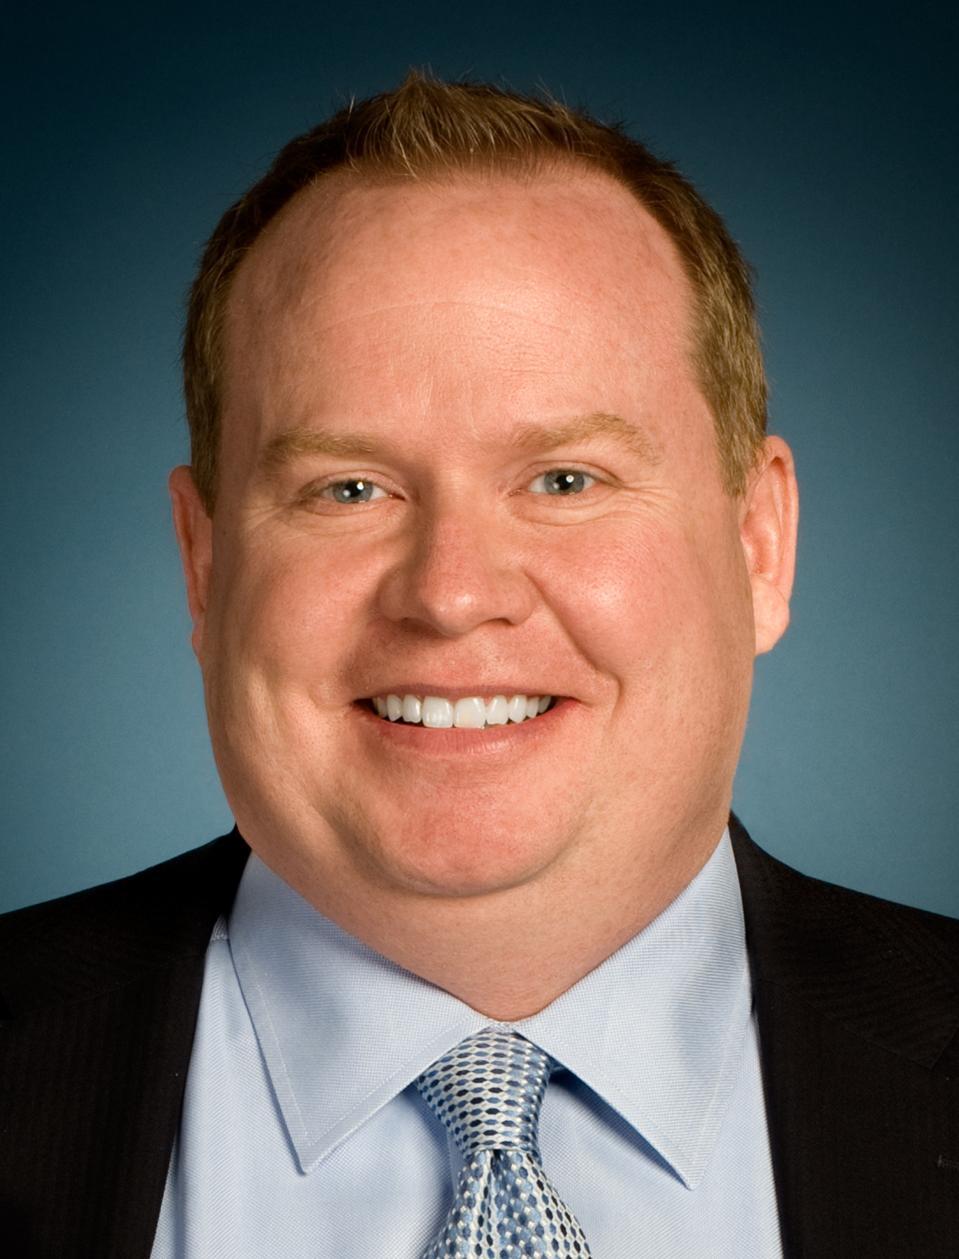 Daniel McGahn, CEO of AMSC